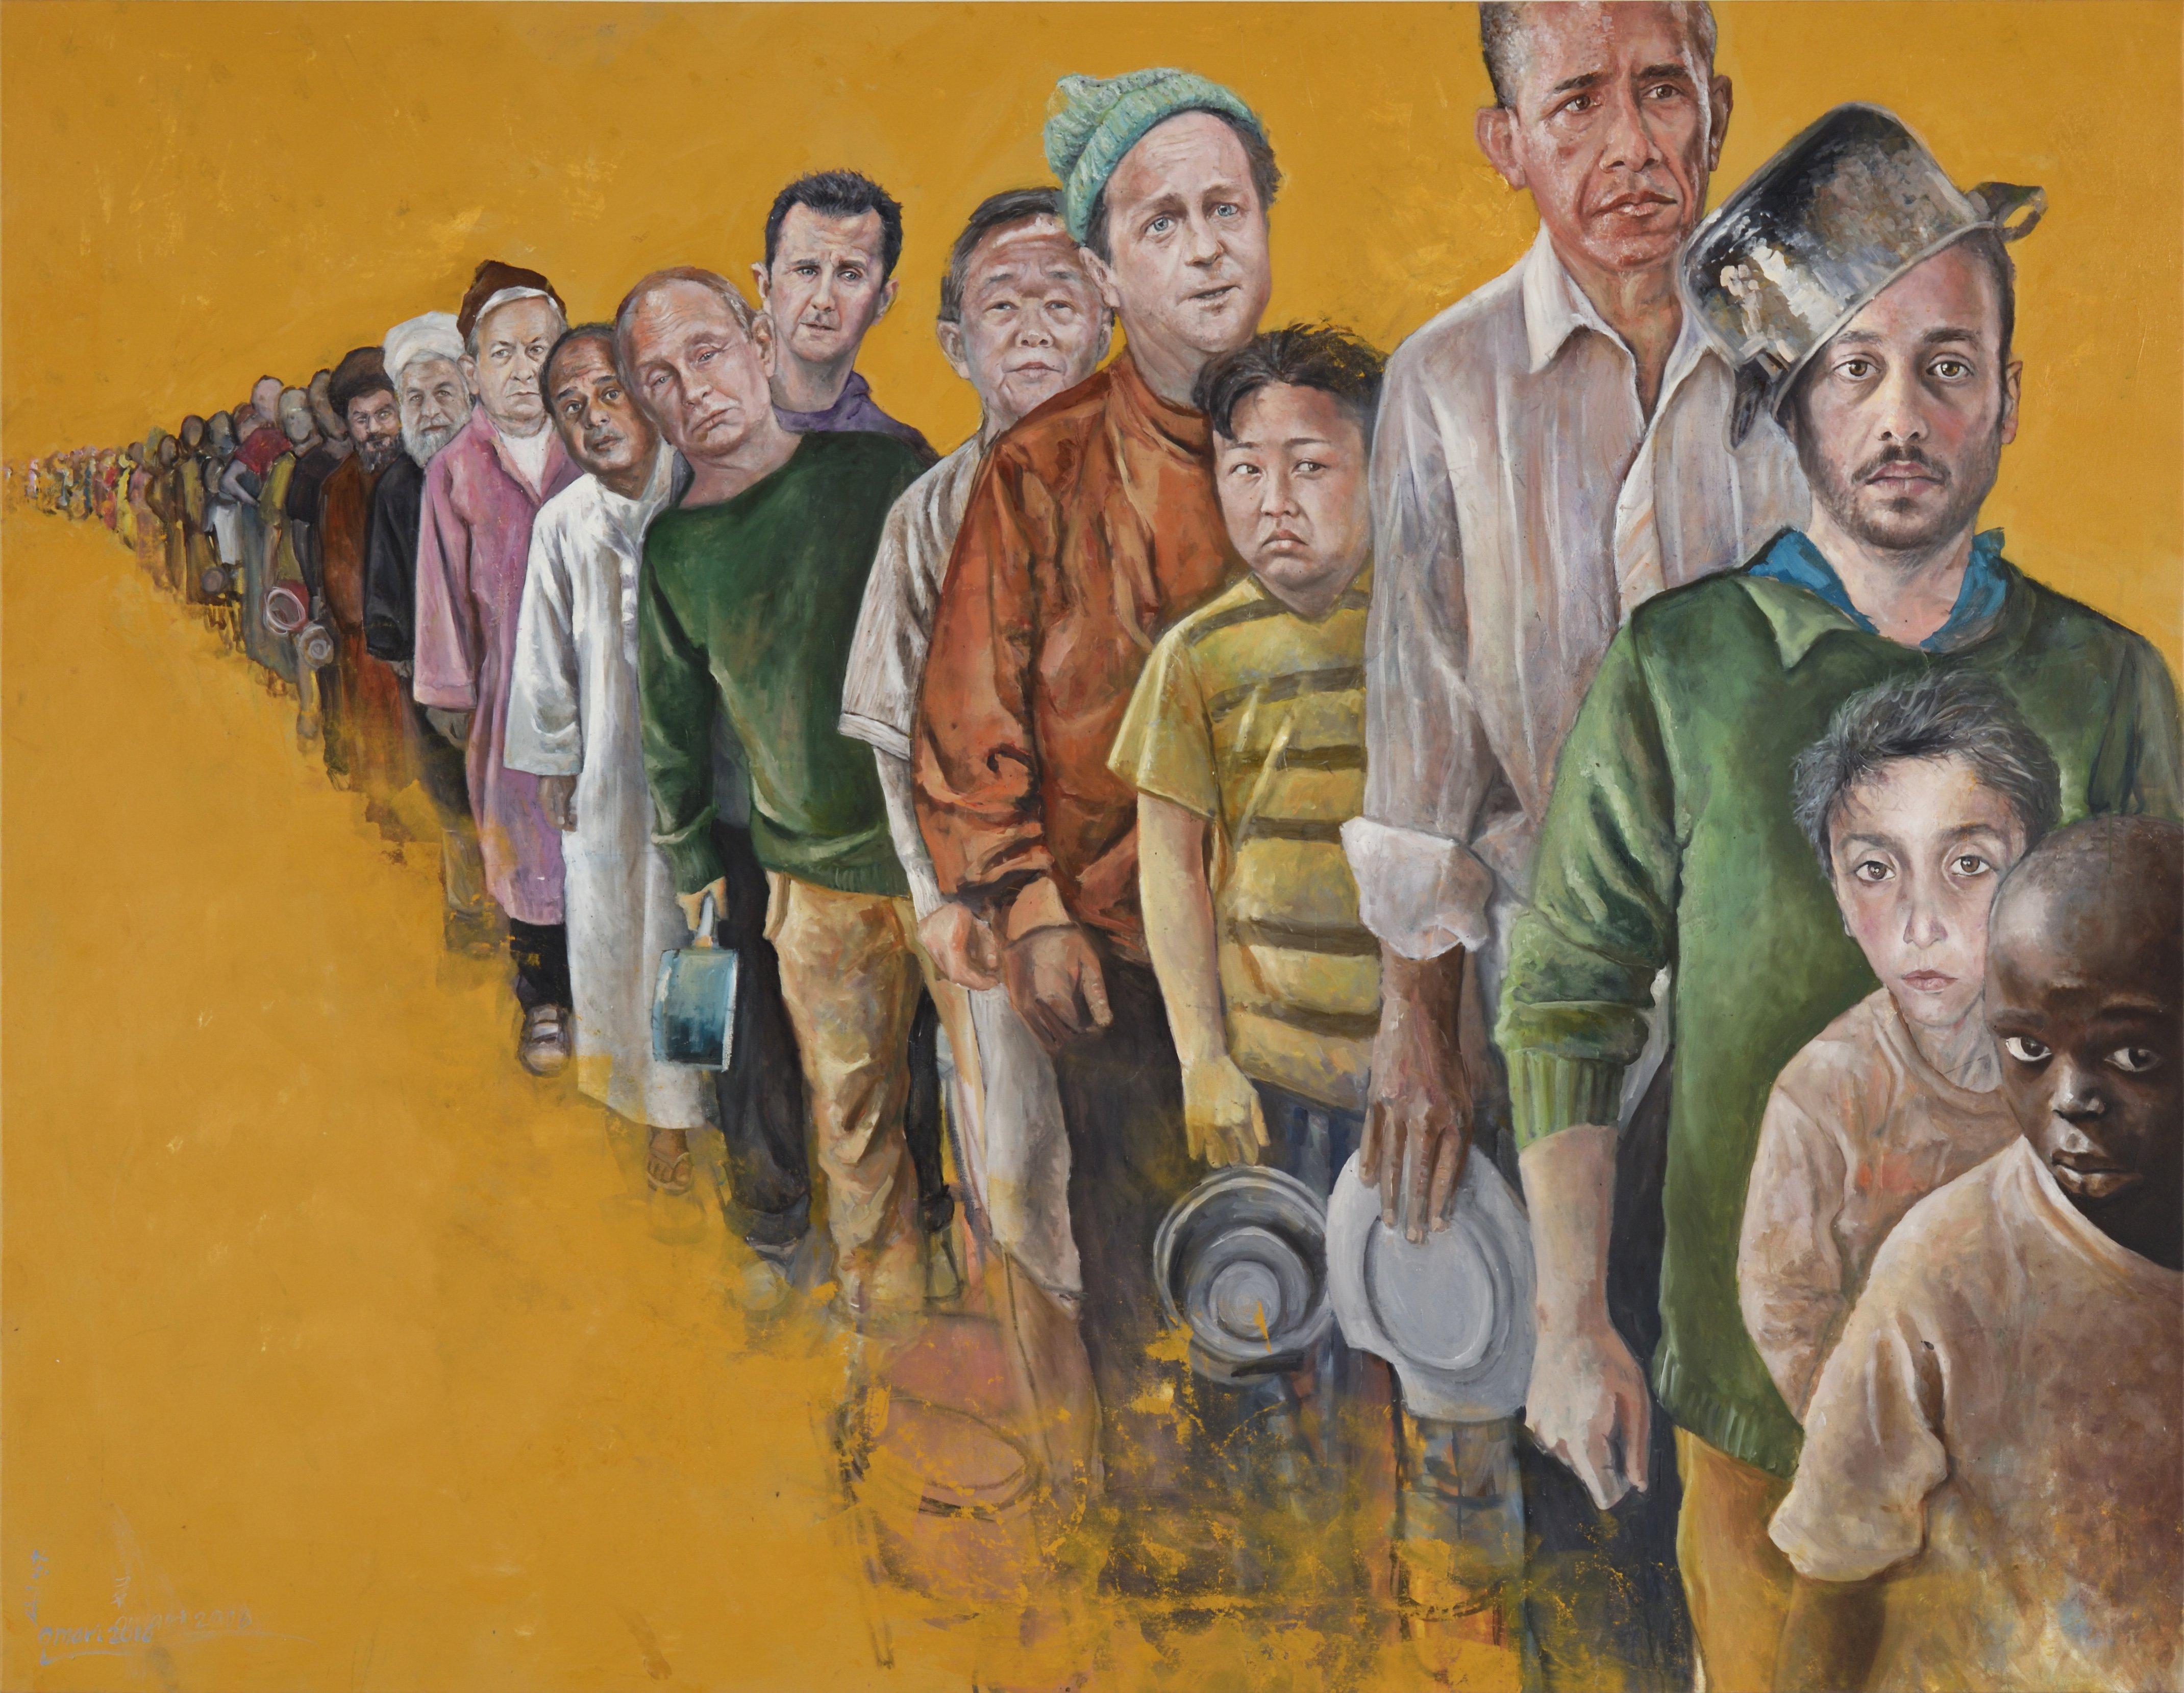 AO20 Abdalla Al Omari 'The Queue' 160 x 207 cm Oil and acrylic on canvas 2016.jpg